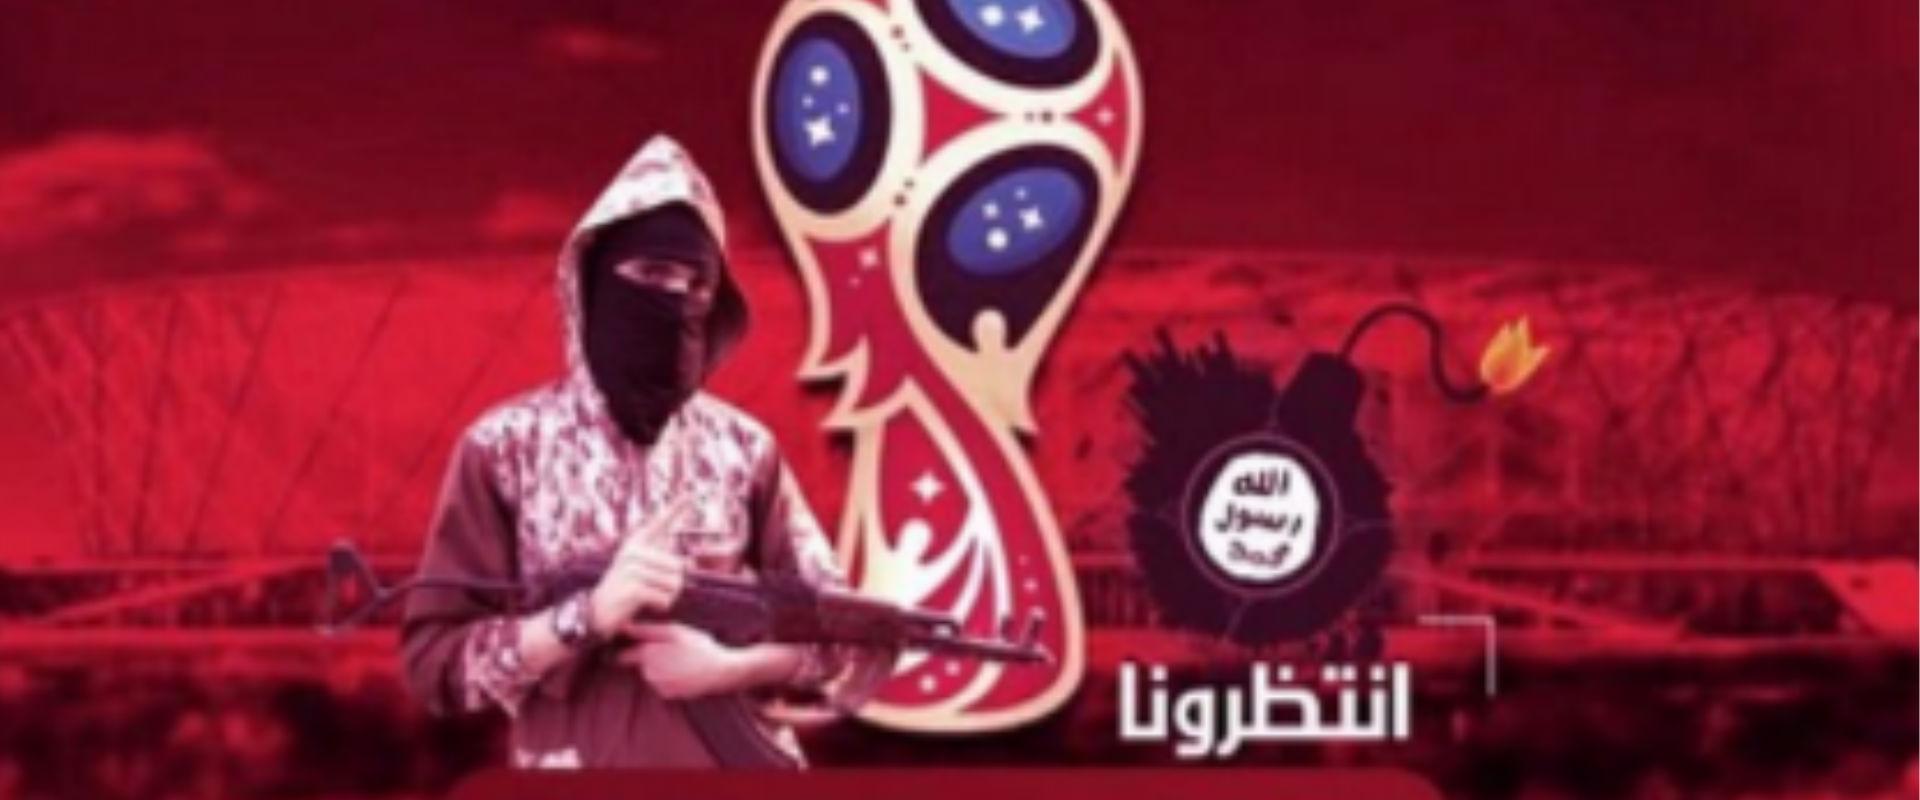 תמונת האיום שהפיץ דאעש